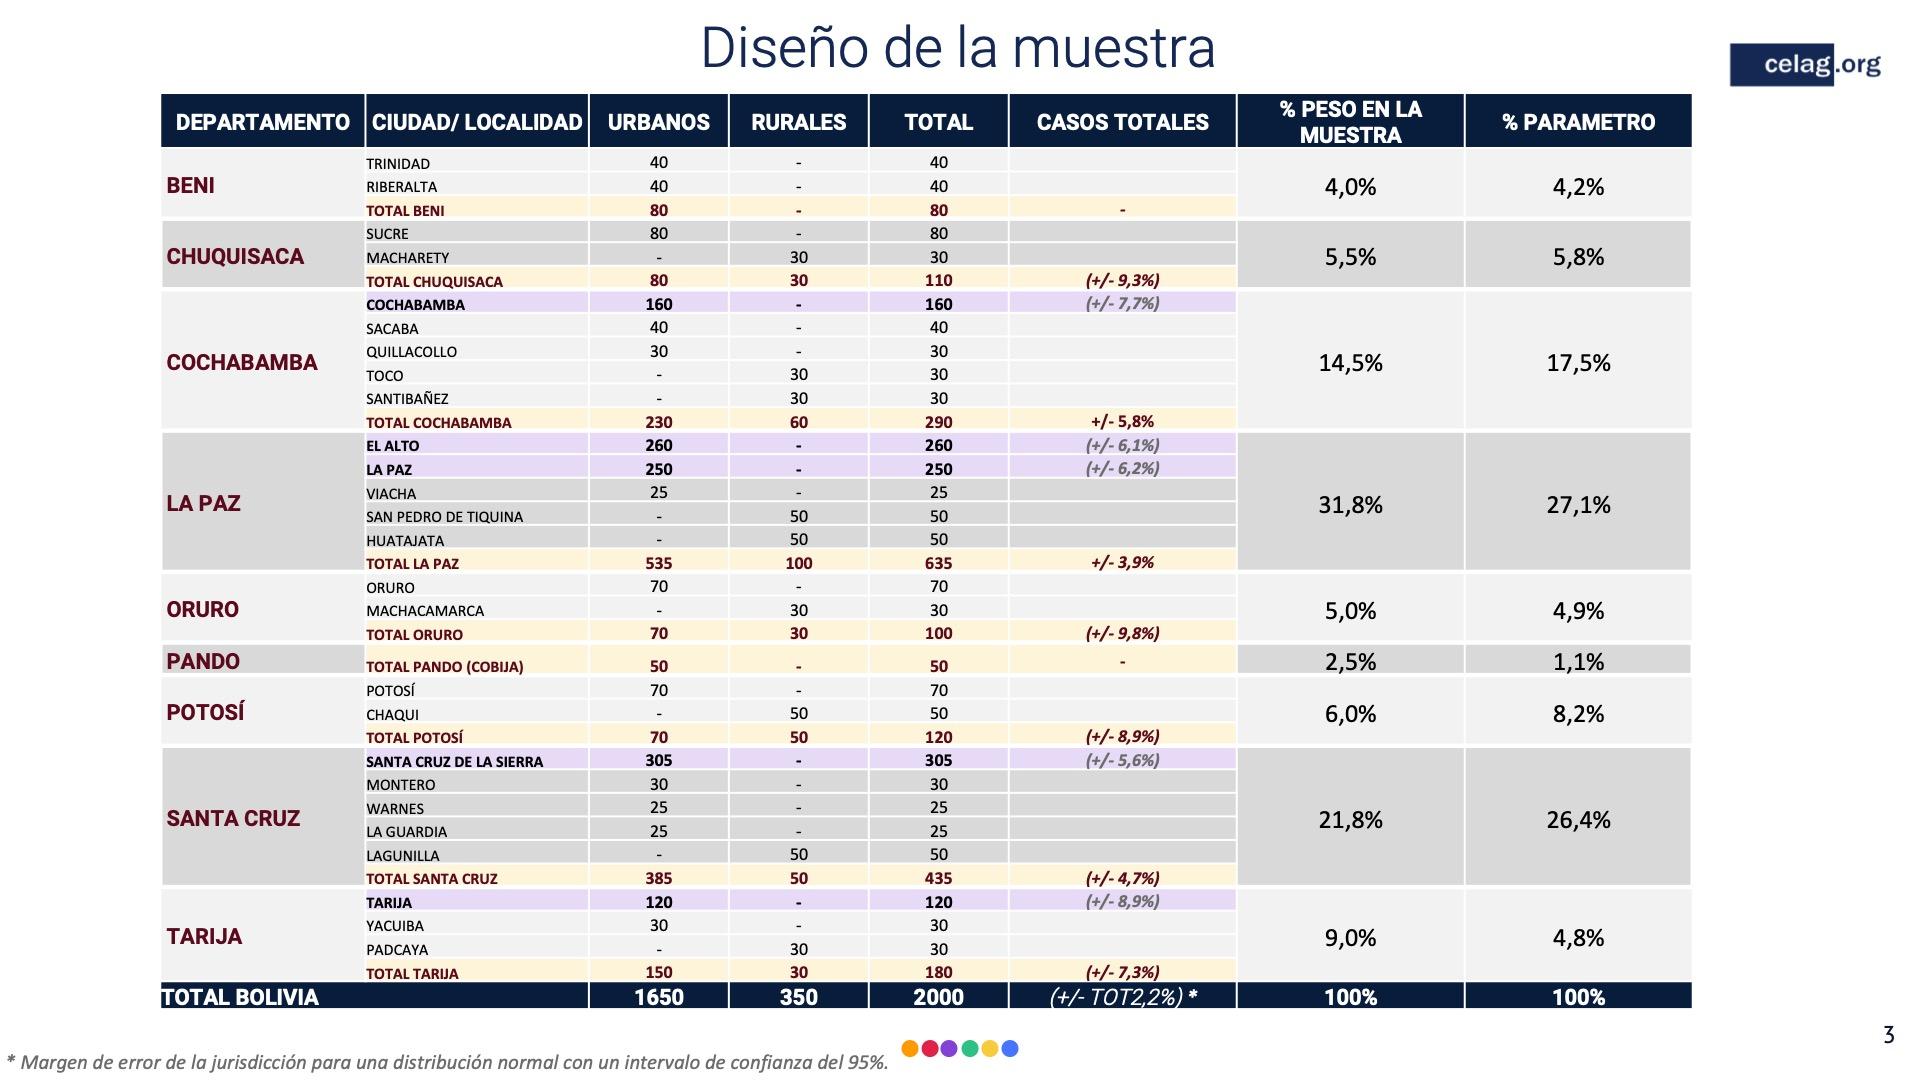 03 Elecciones bolivia diseño de la muestra